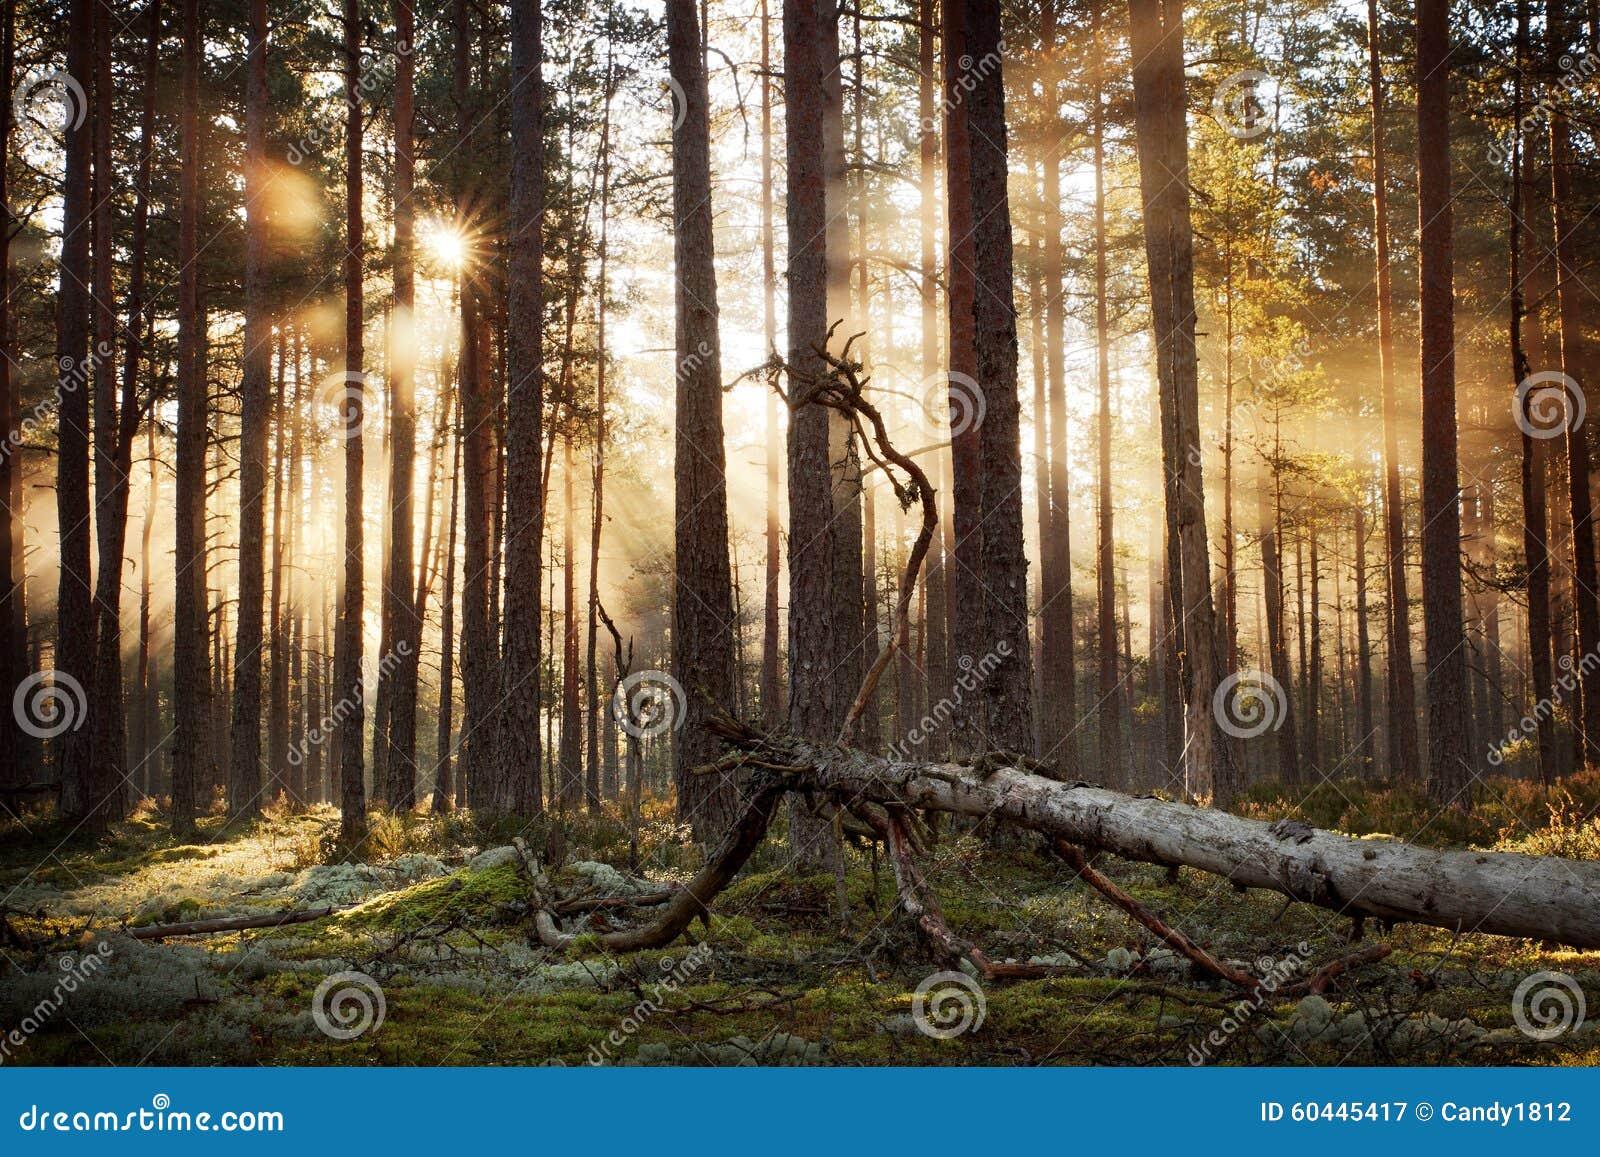 Barrskog med morgonsolen som skiner